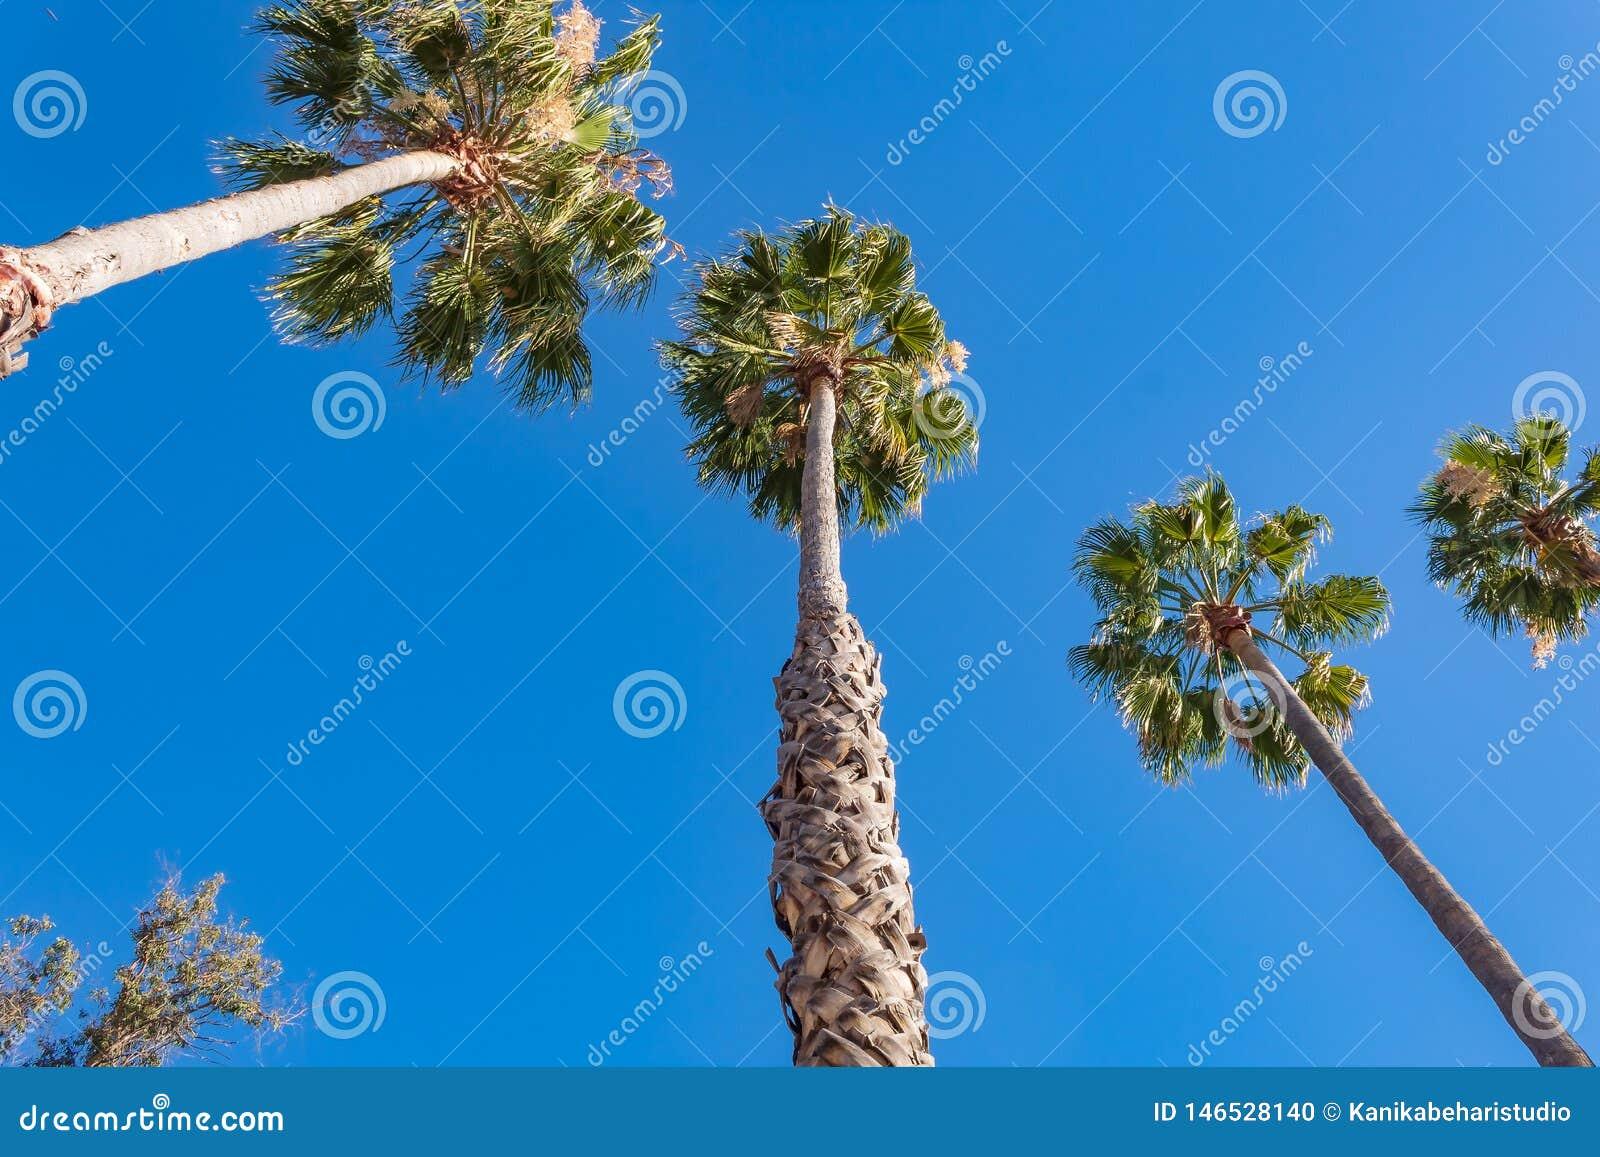 Palmen mit blauem Himmel am sonnigen Nachmittag